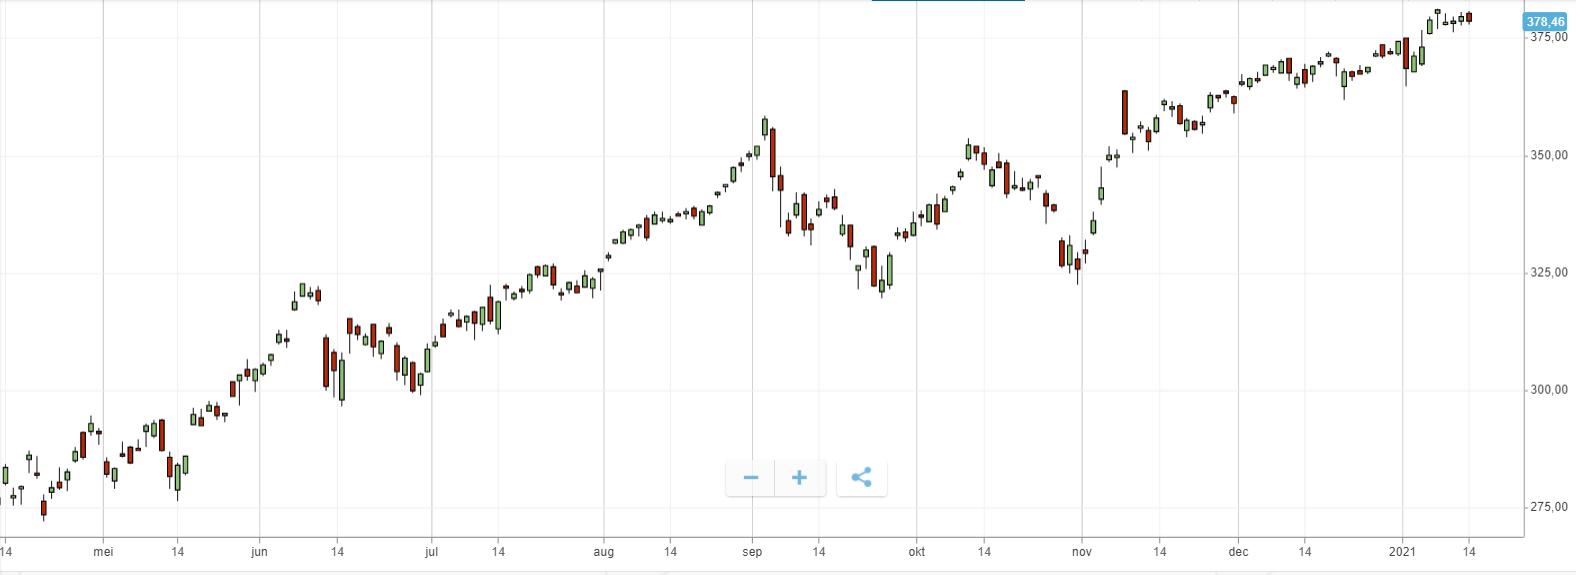 candestick evbox graph